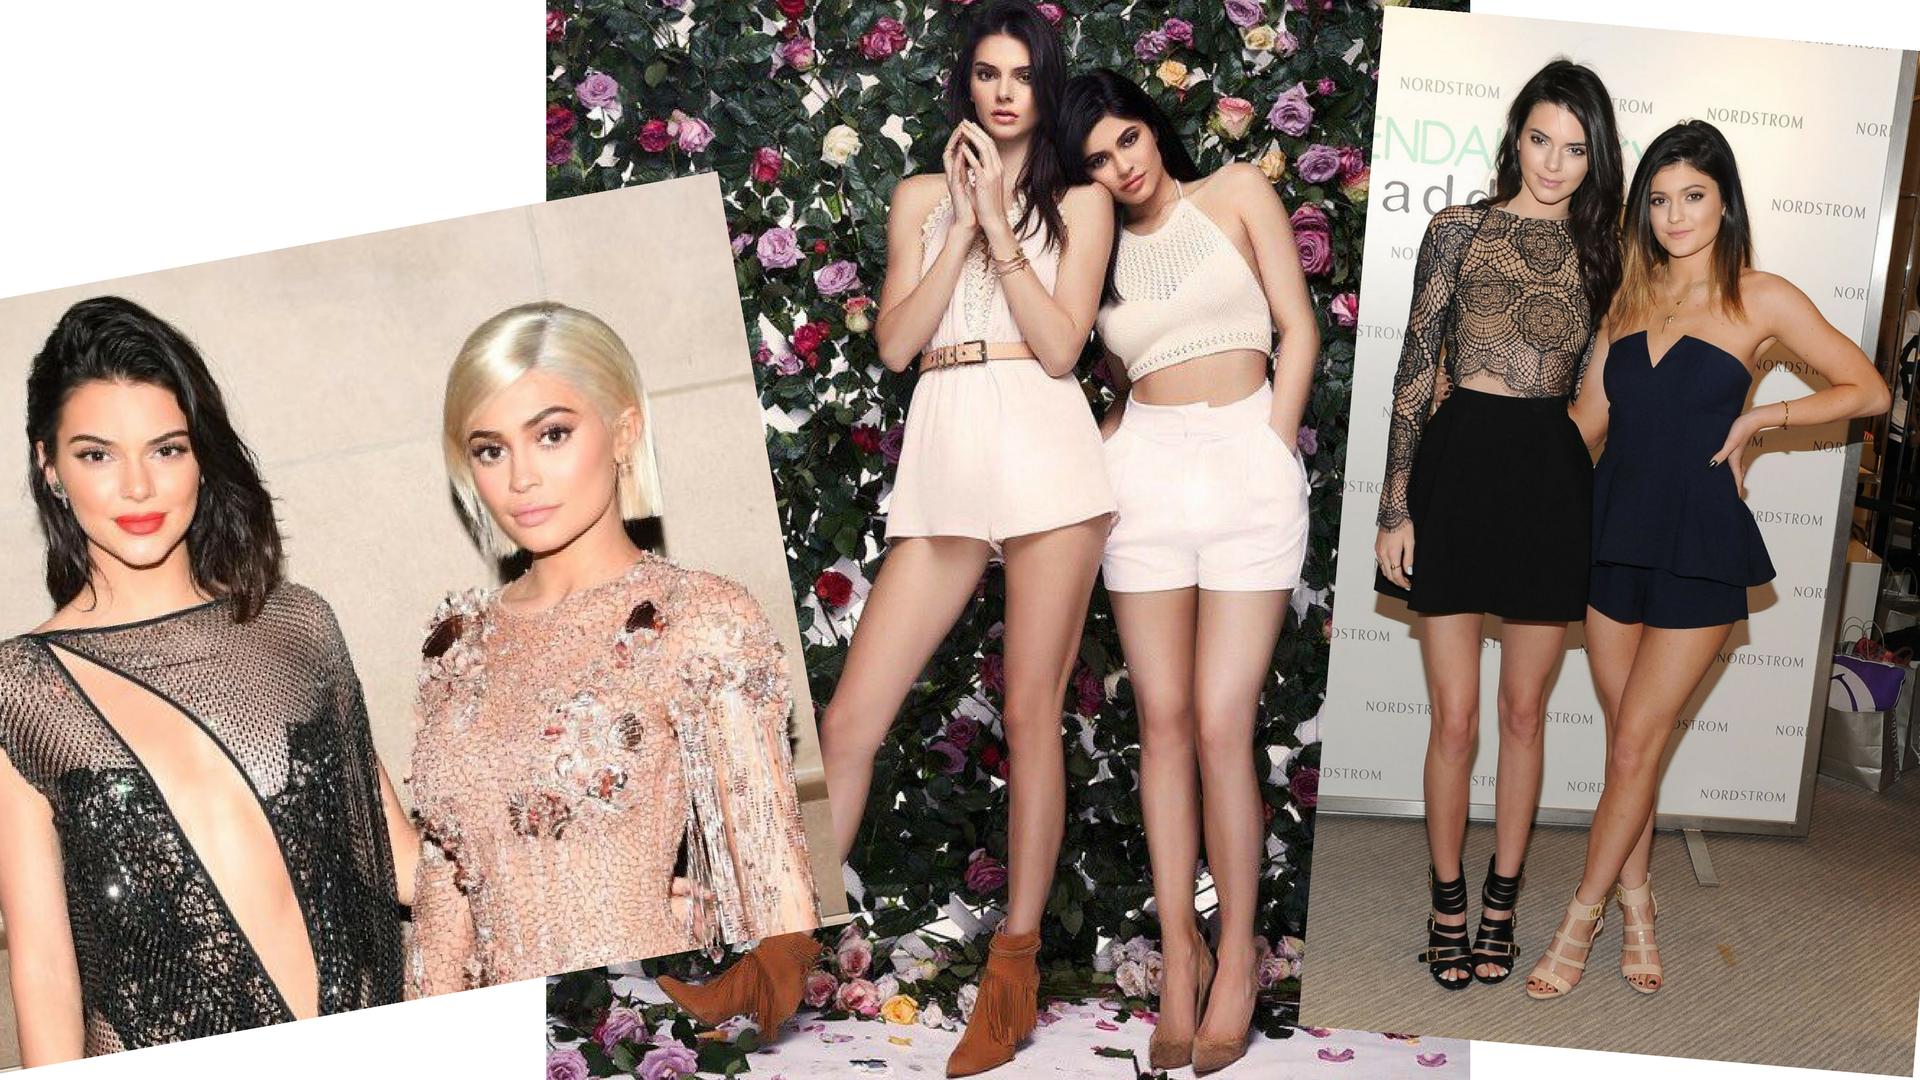 Kendall and Kylie Jenner (22 és 20)<br />- Kris Jenner és Caitlyn Jenner lányai<br />- Kendall: 84.7M követőbázis, Kylie: 99.4M követő <br />- a lányok 10, illetve 12 éves koruk óta szerepeltek féltestvéreik mellett a Keeping up with the Kardashians reality sorozatban, majd következtek a reklámok, végül a divatmagazinok és a divathetek